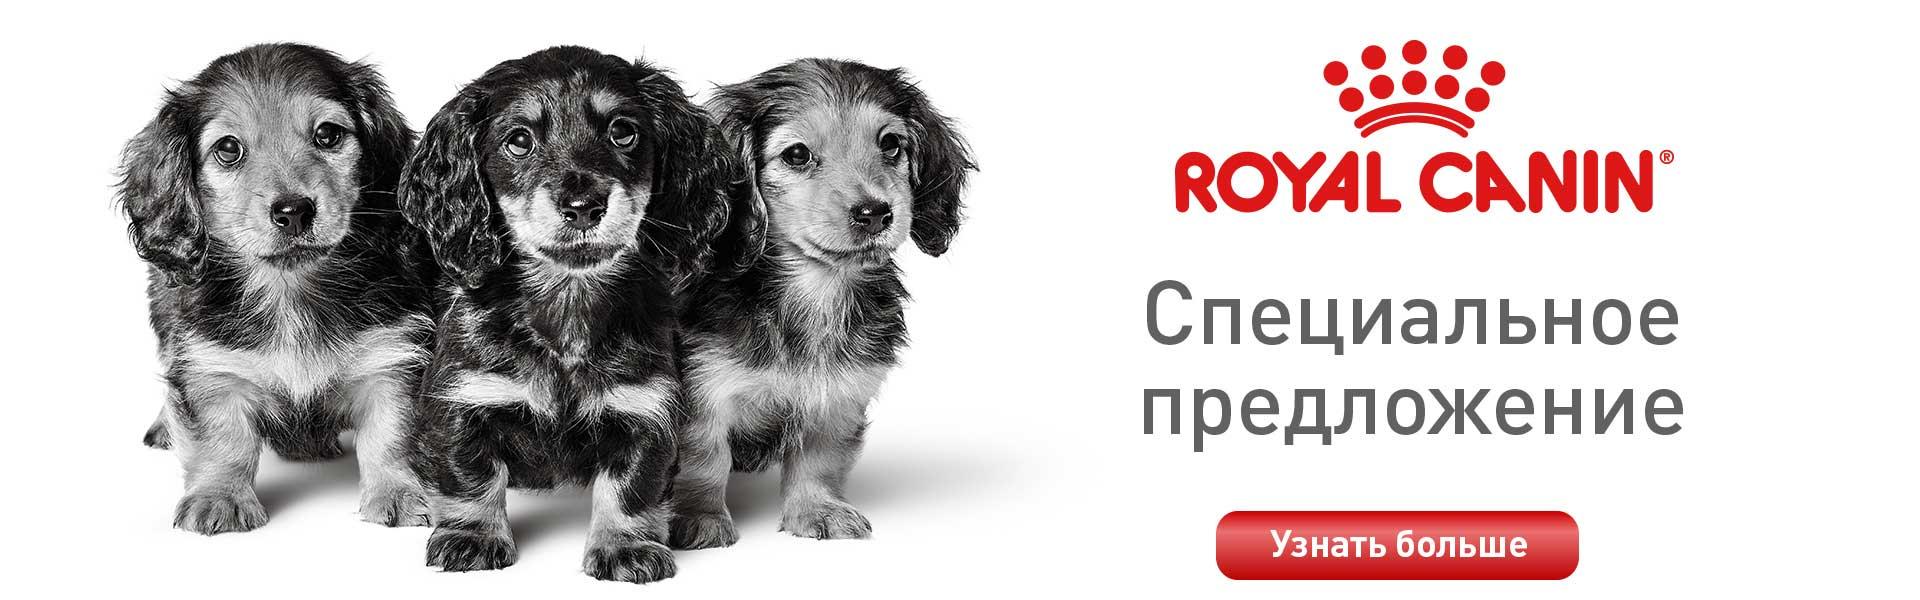 Акция для щенков